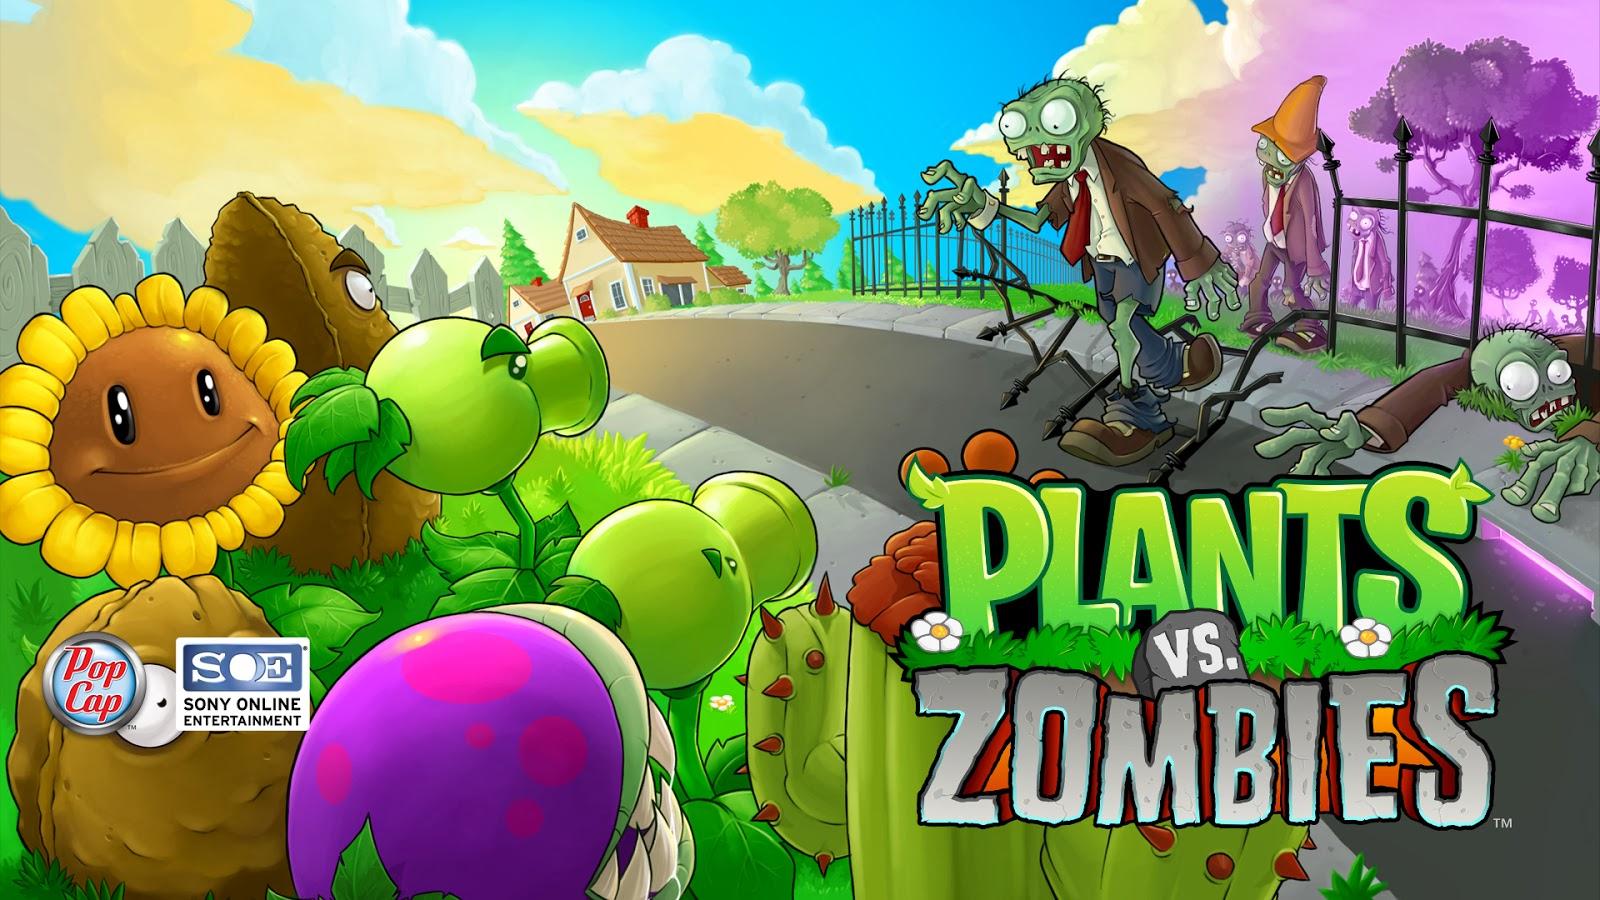 Plantes Vs Zombies Jeu En Ligne Gratuit Sans Téléchargement destiné Jeux Sans Téléchargement Gratuit